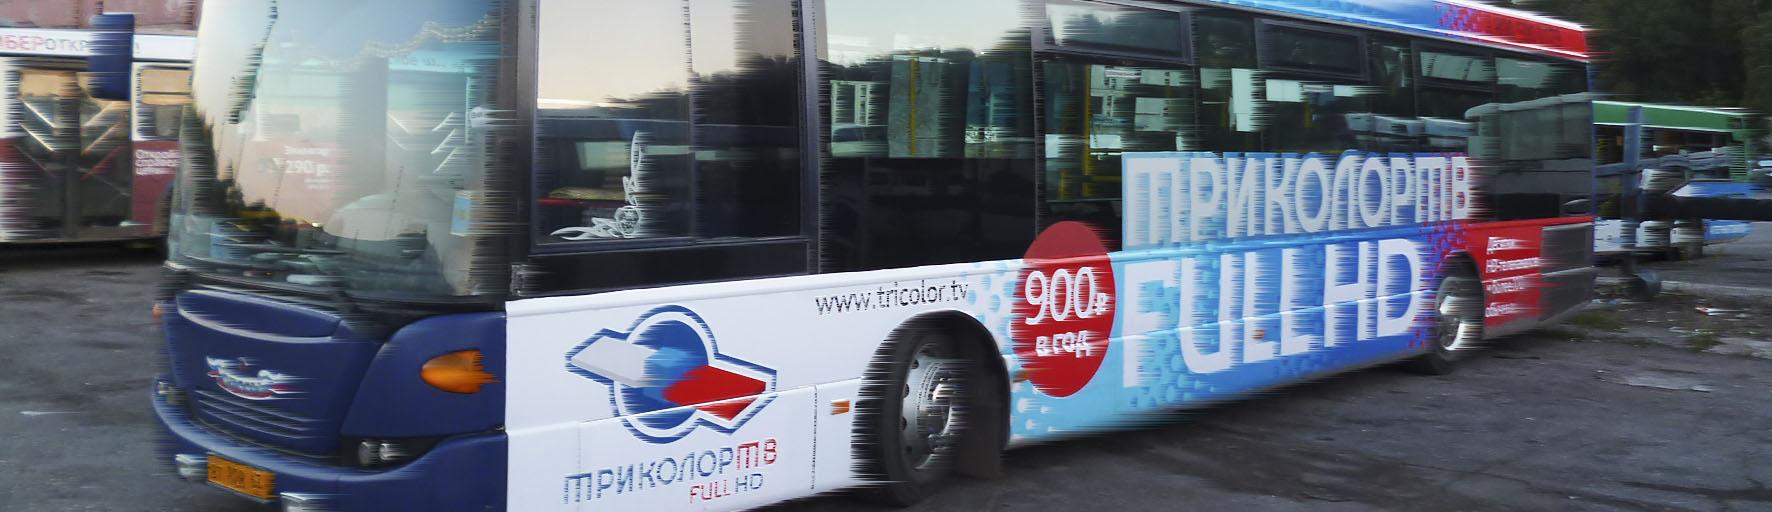 Размещение рекламы на транспорте Махачкала